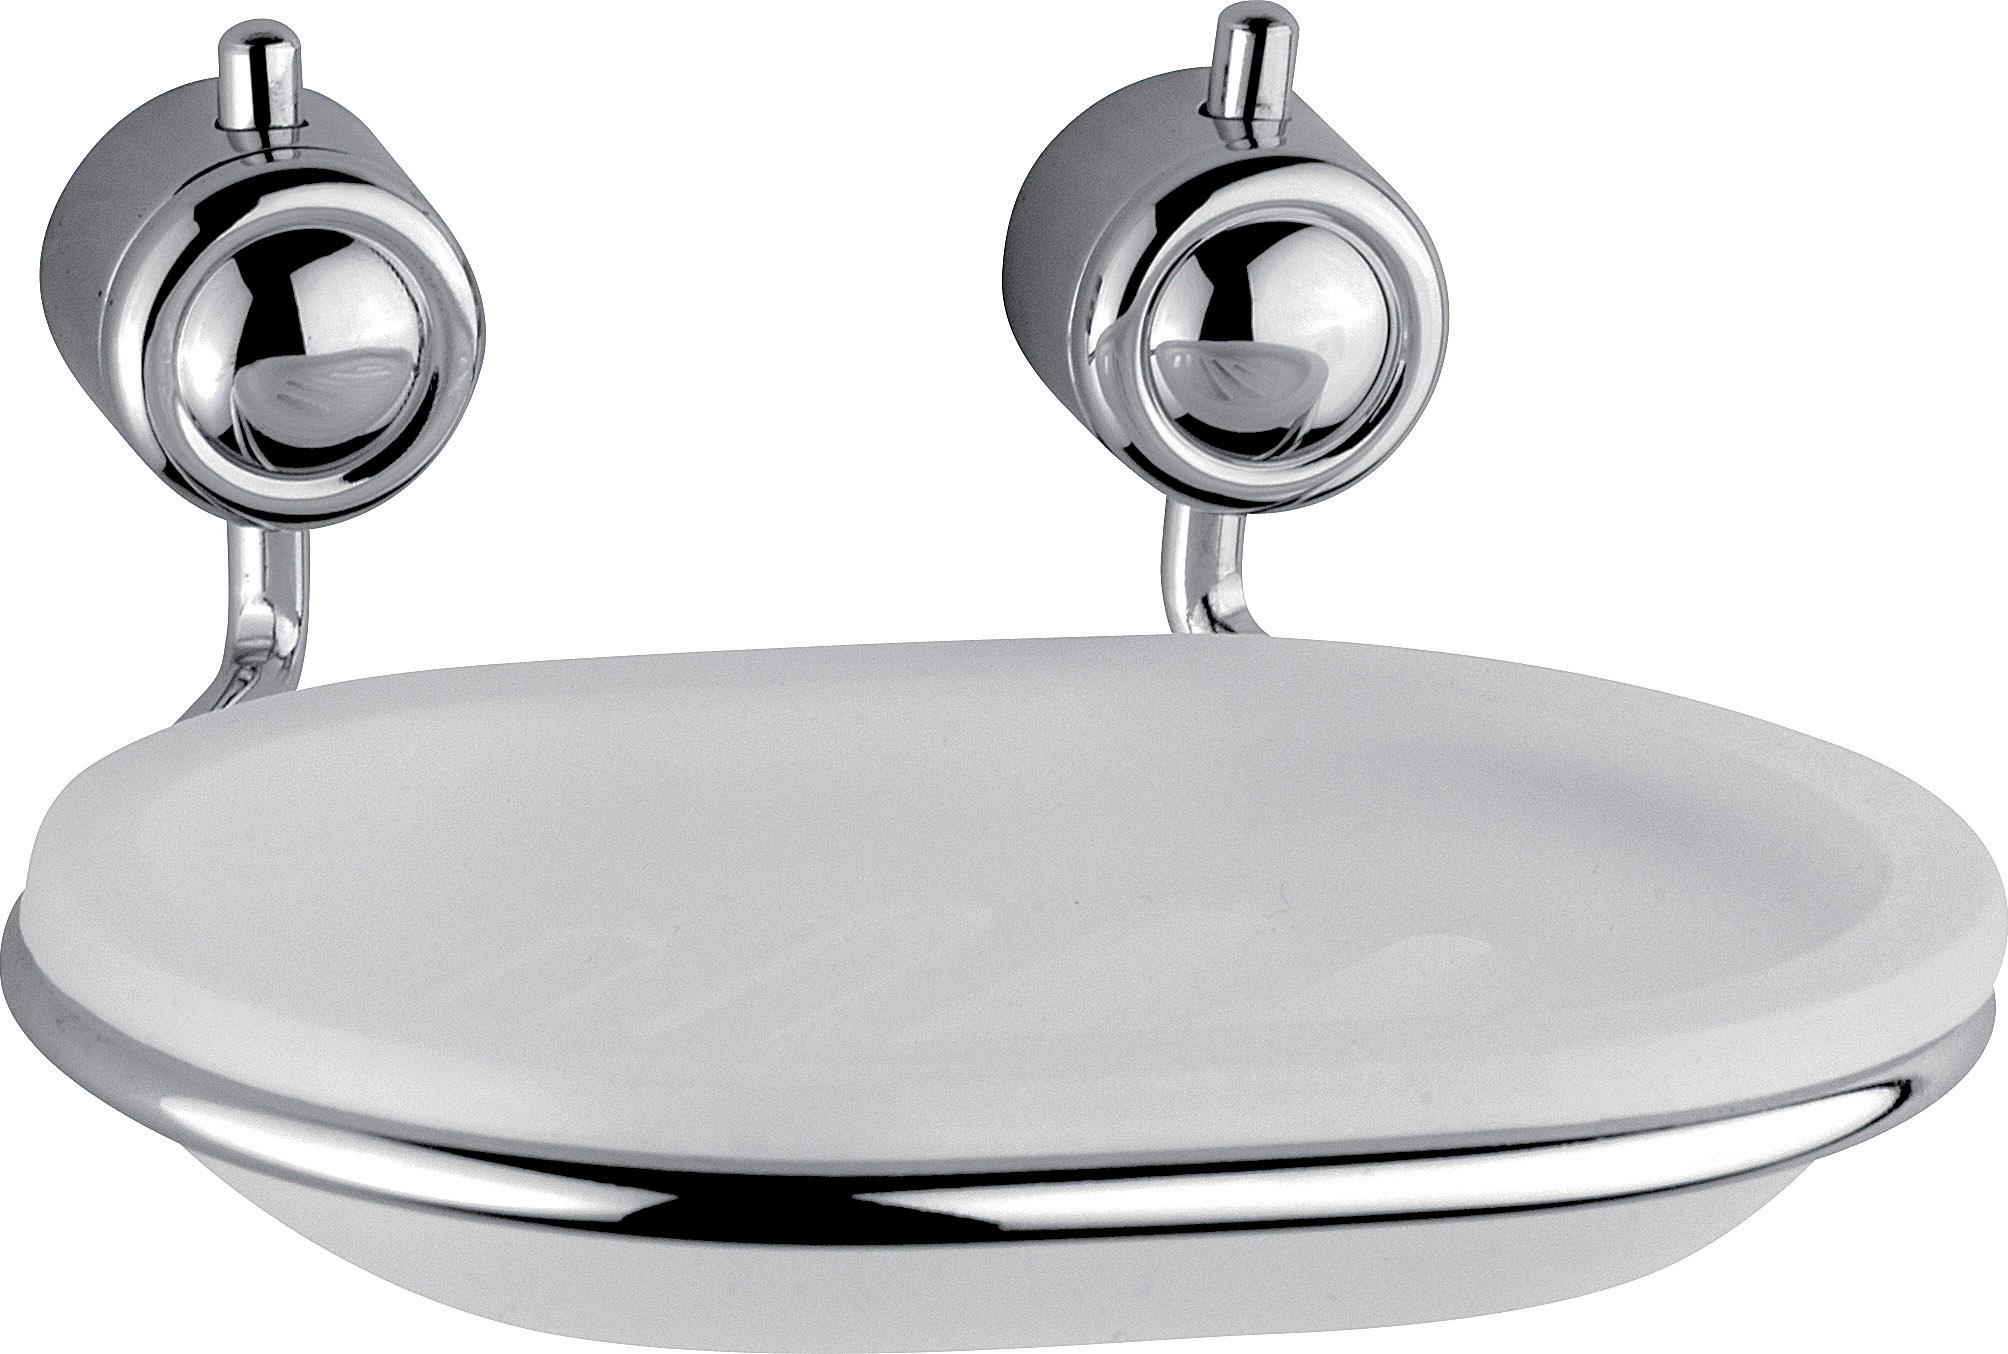 Accessori Da Bagno Carbonari.Carbonari Portasapone Da Parete In Metallo Cromato Con Piattino Porta Saponetta In Resina 802 Serie Diana